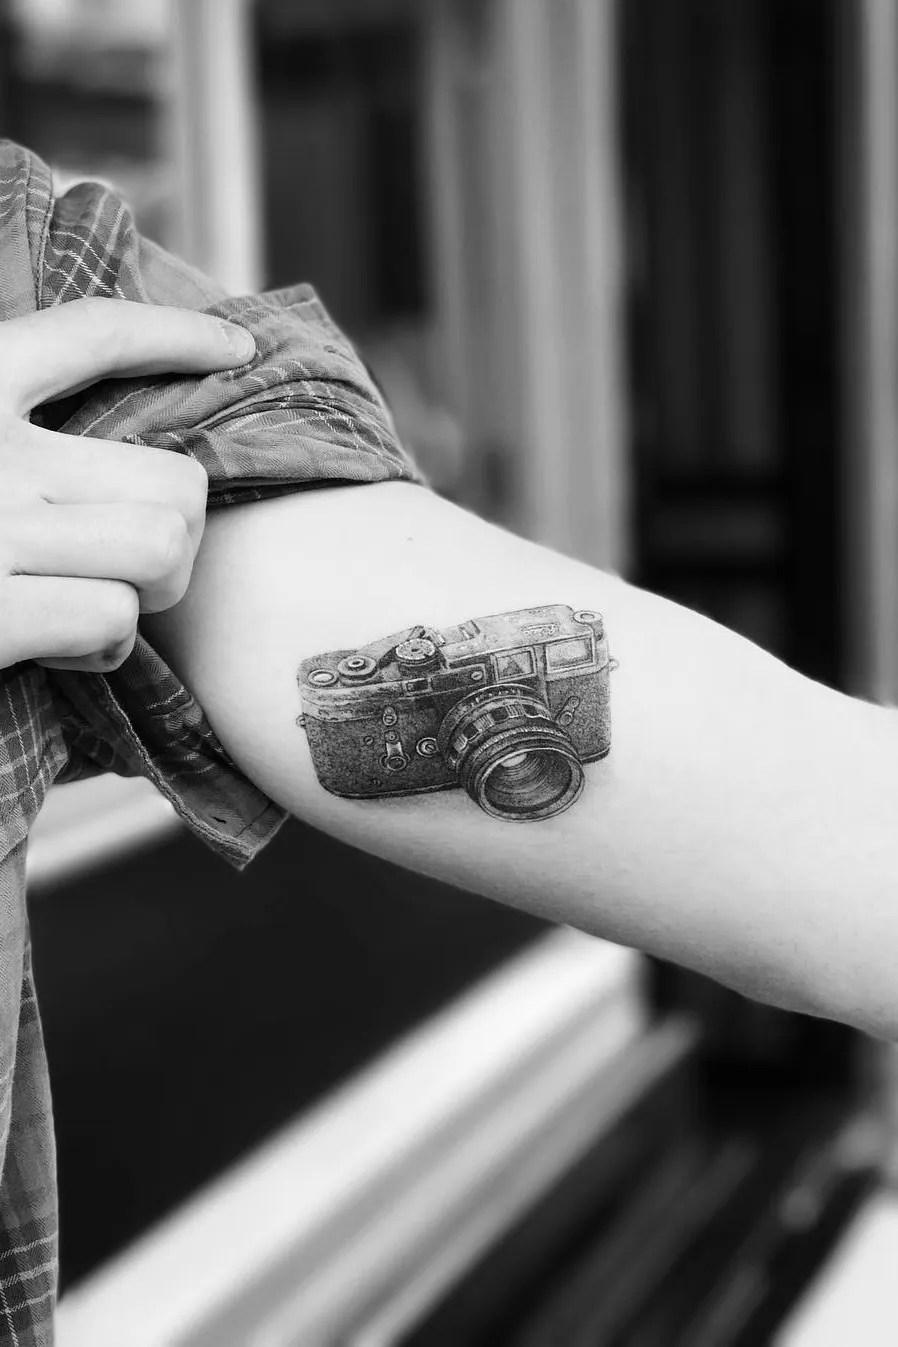 Nc Tattoo Ideas : tattoo, ideas, Which, Tattoo, Artists, Should, Vogue